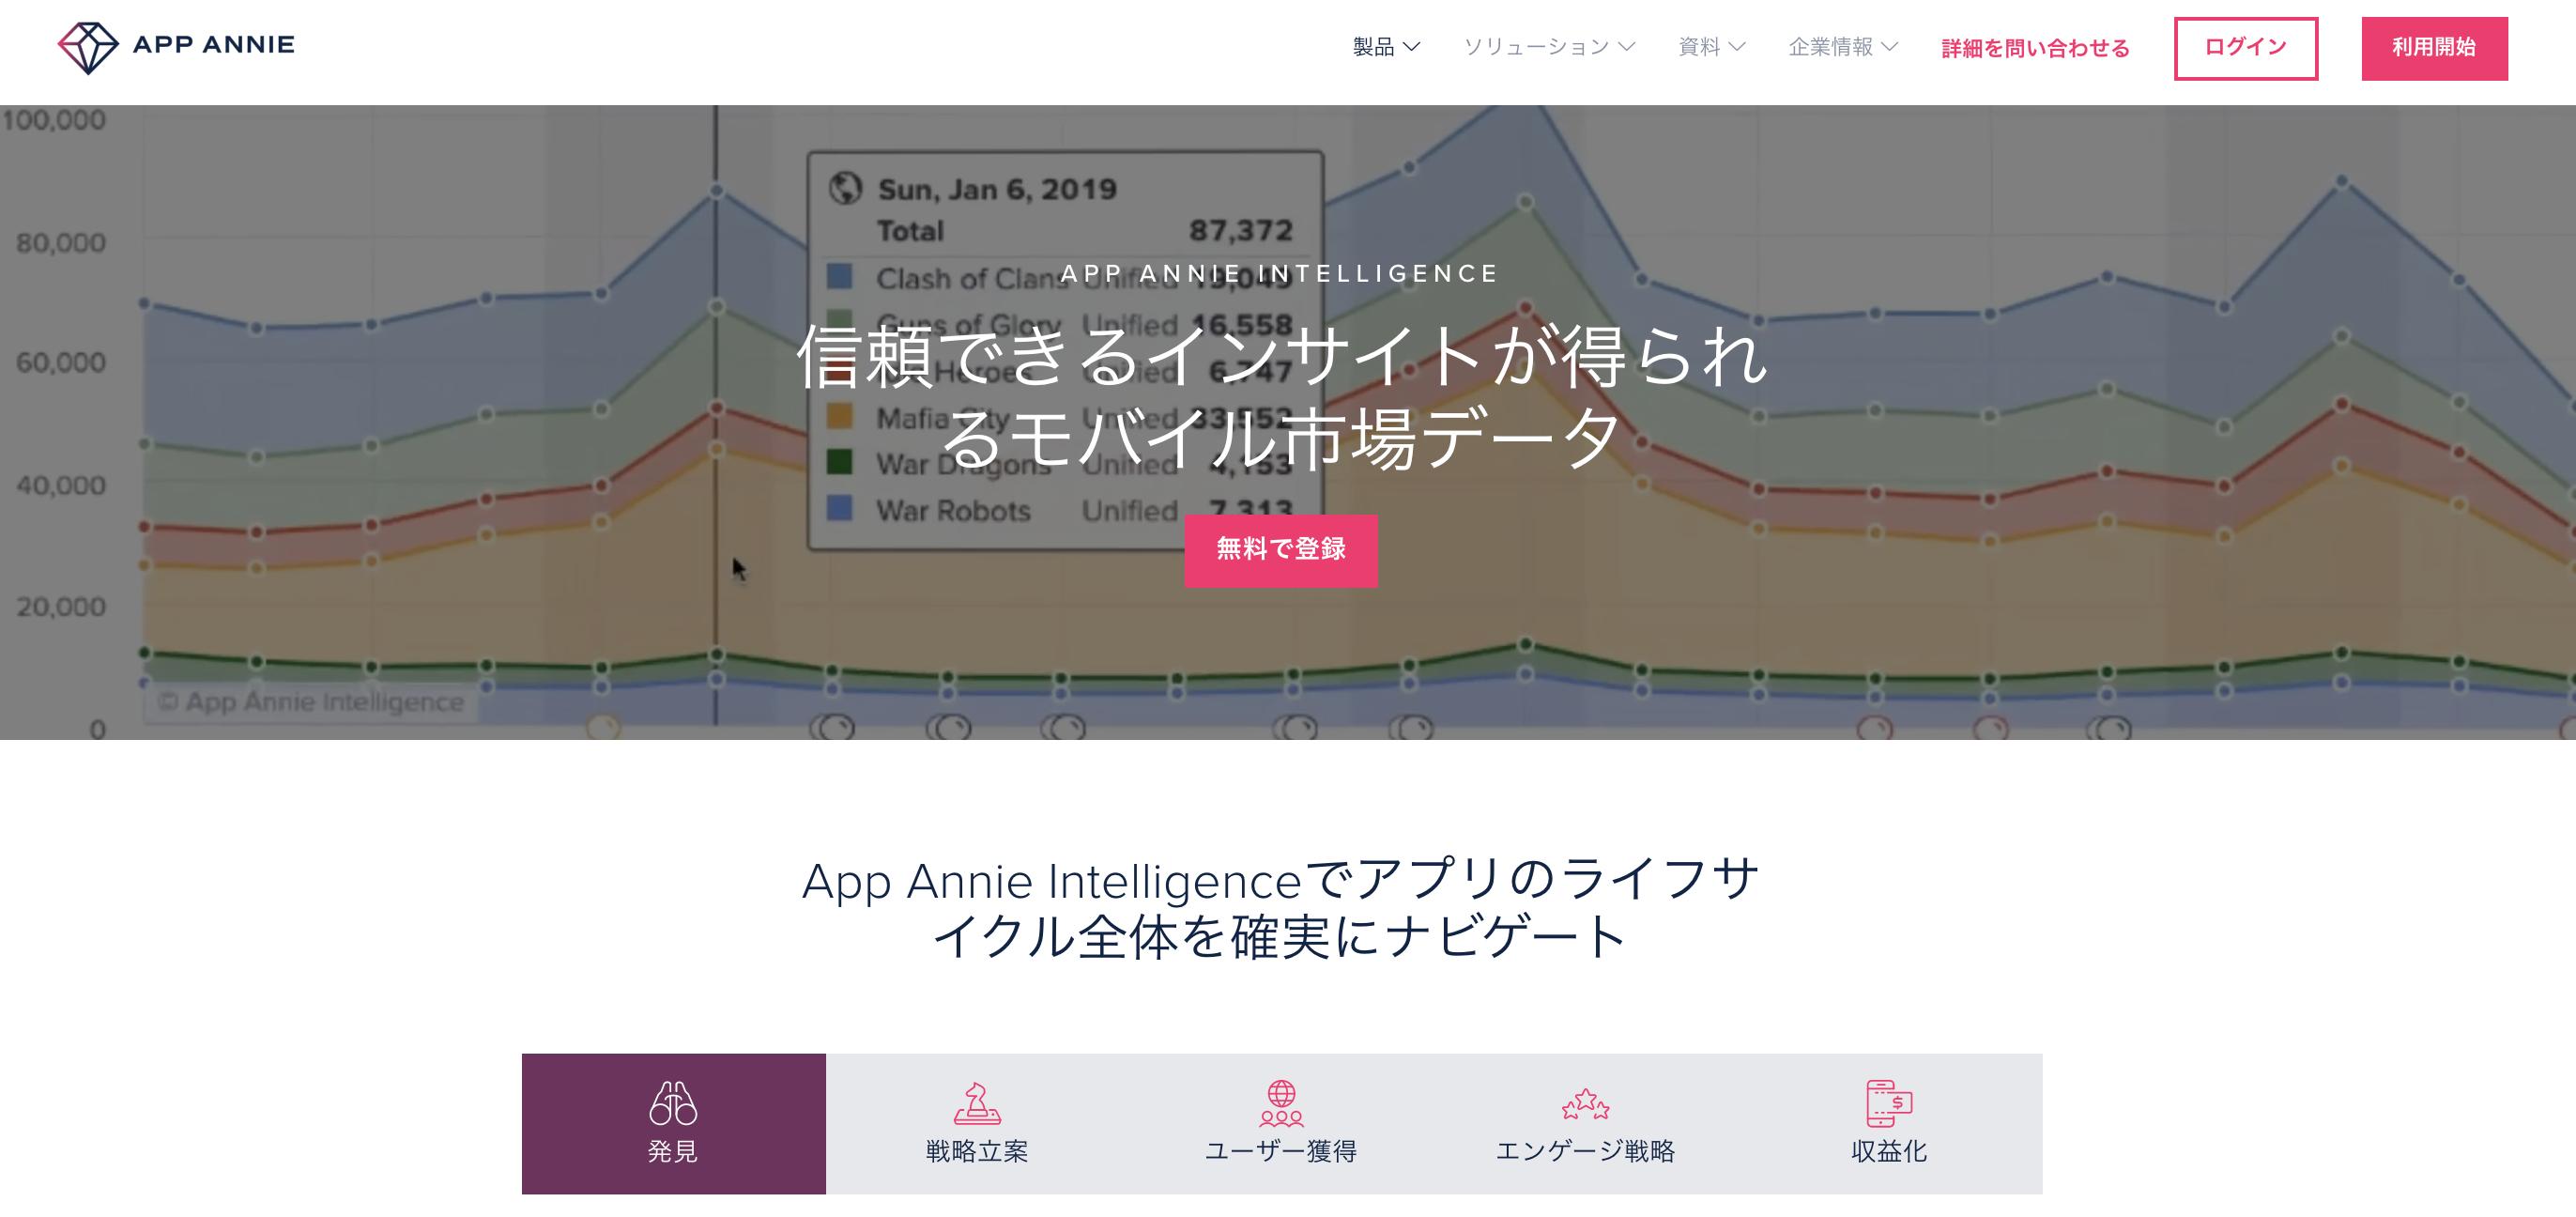 マーケティングに必要なあらゆるデータが分析可能なツールAppAnnie(アップアニー)